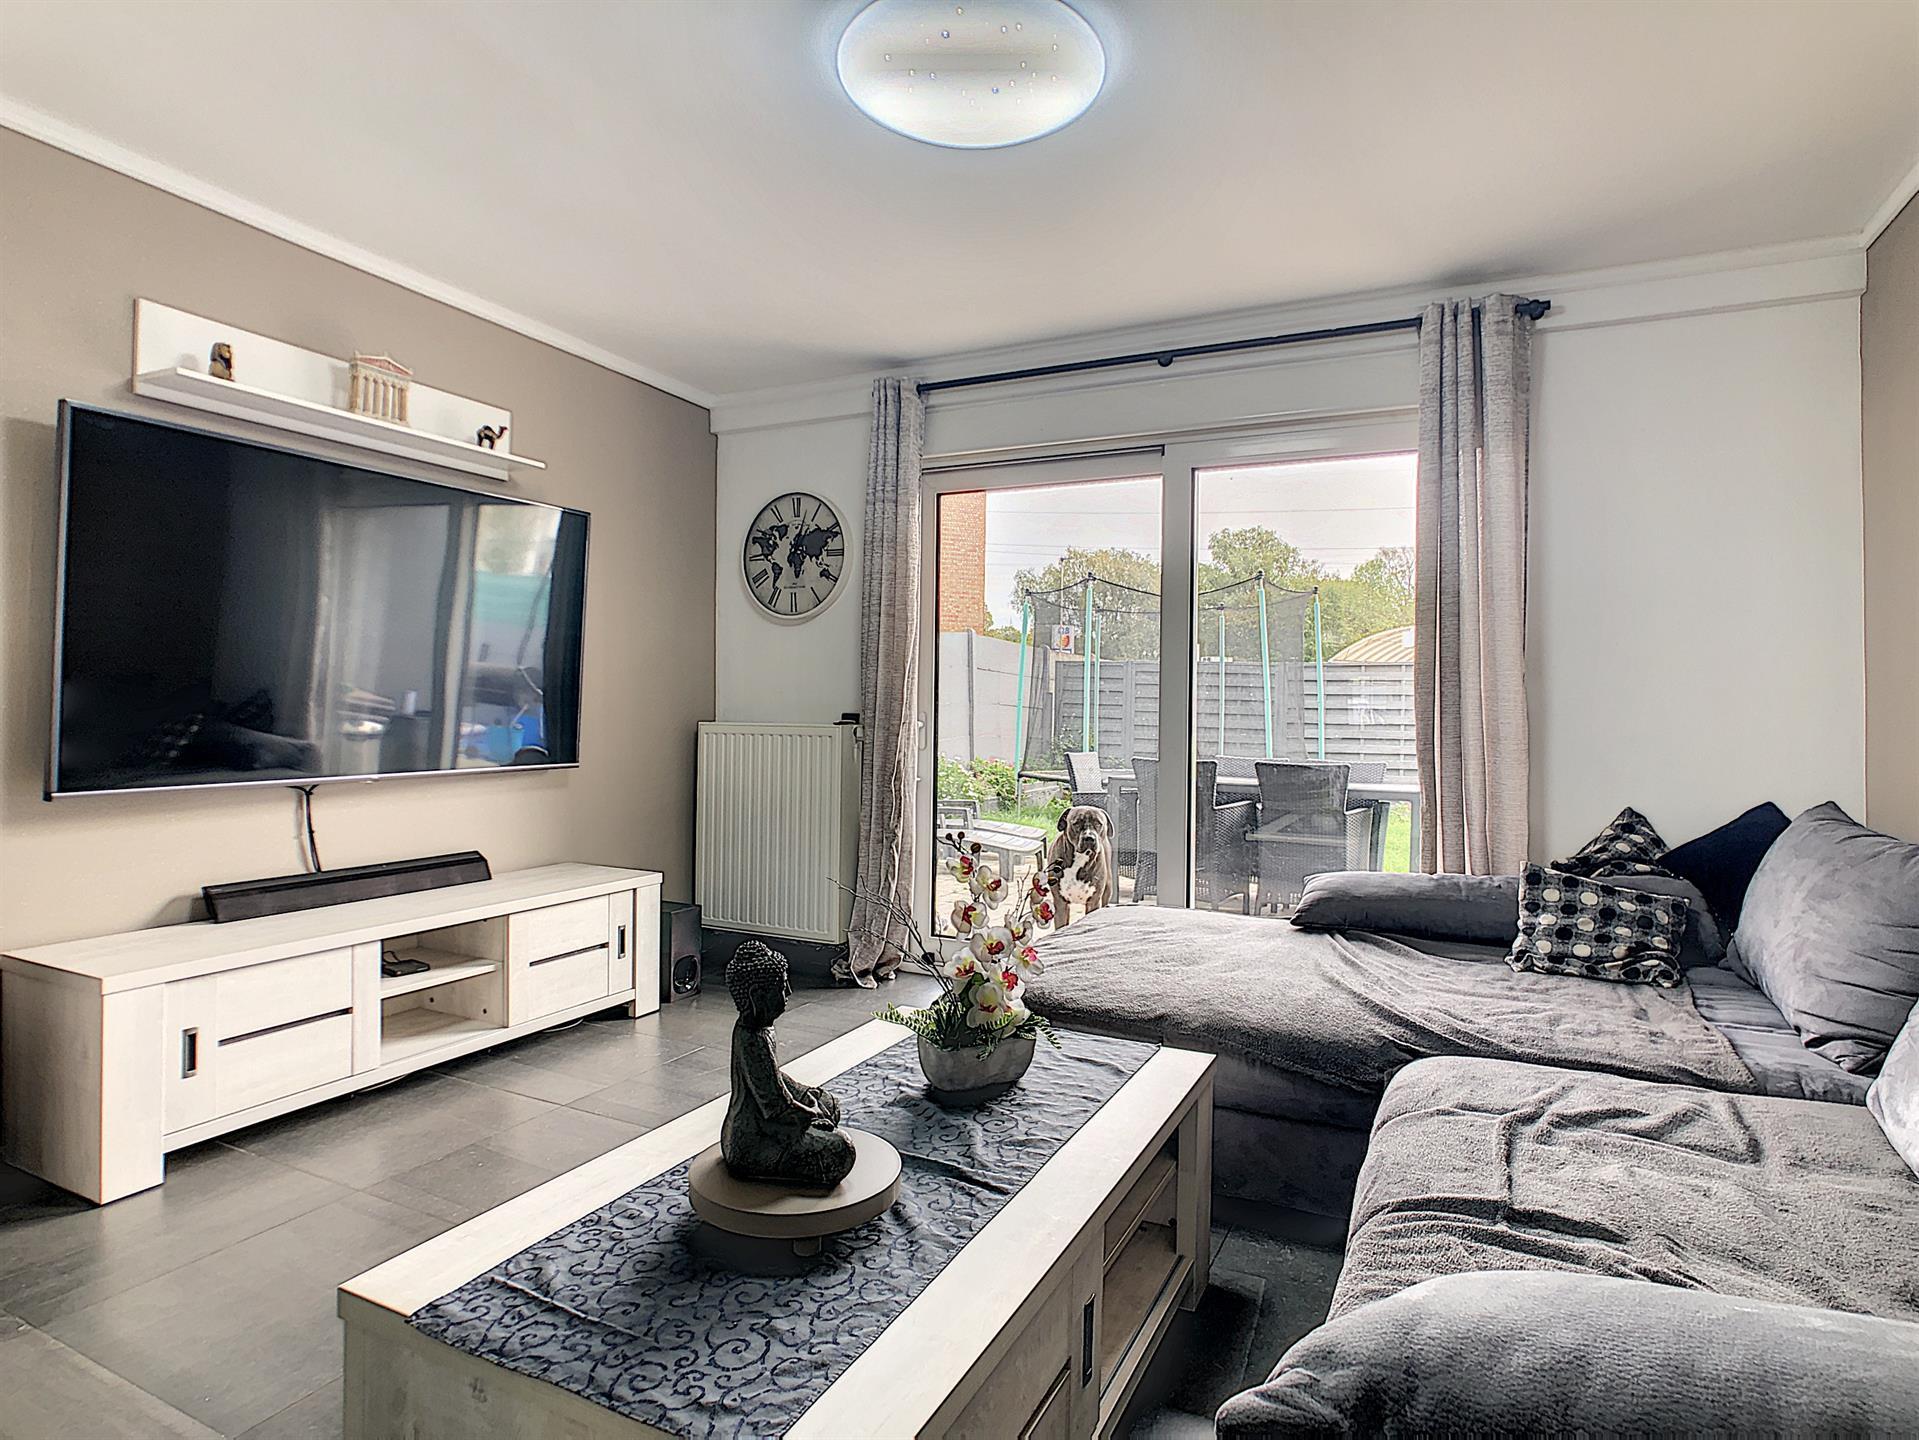 Maison - Sint-Pieters-Leeuw Ruisbroek - #4188539-1